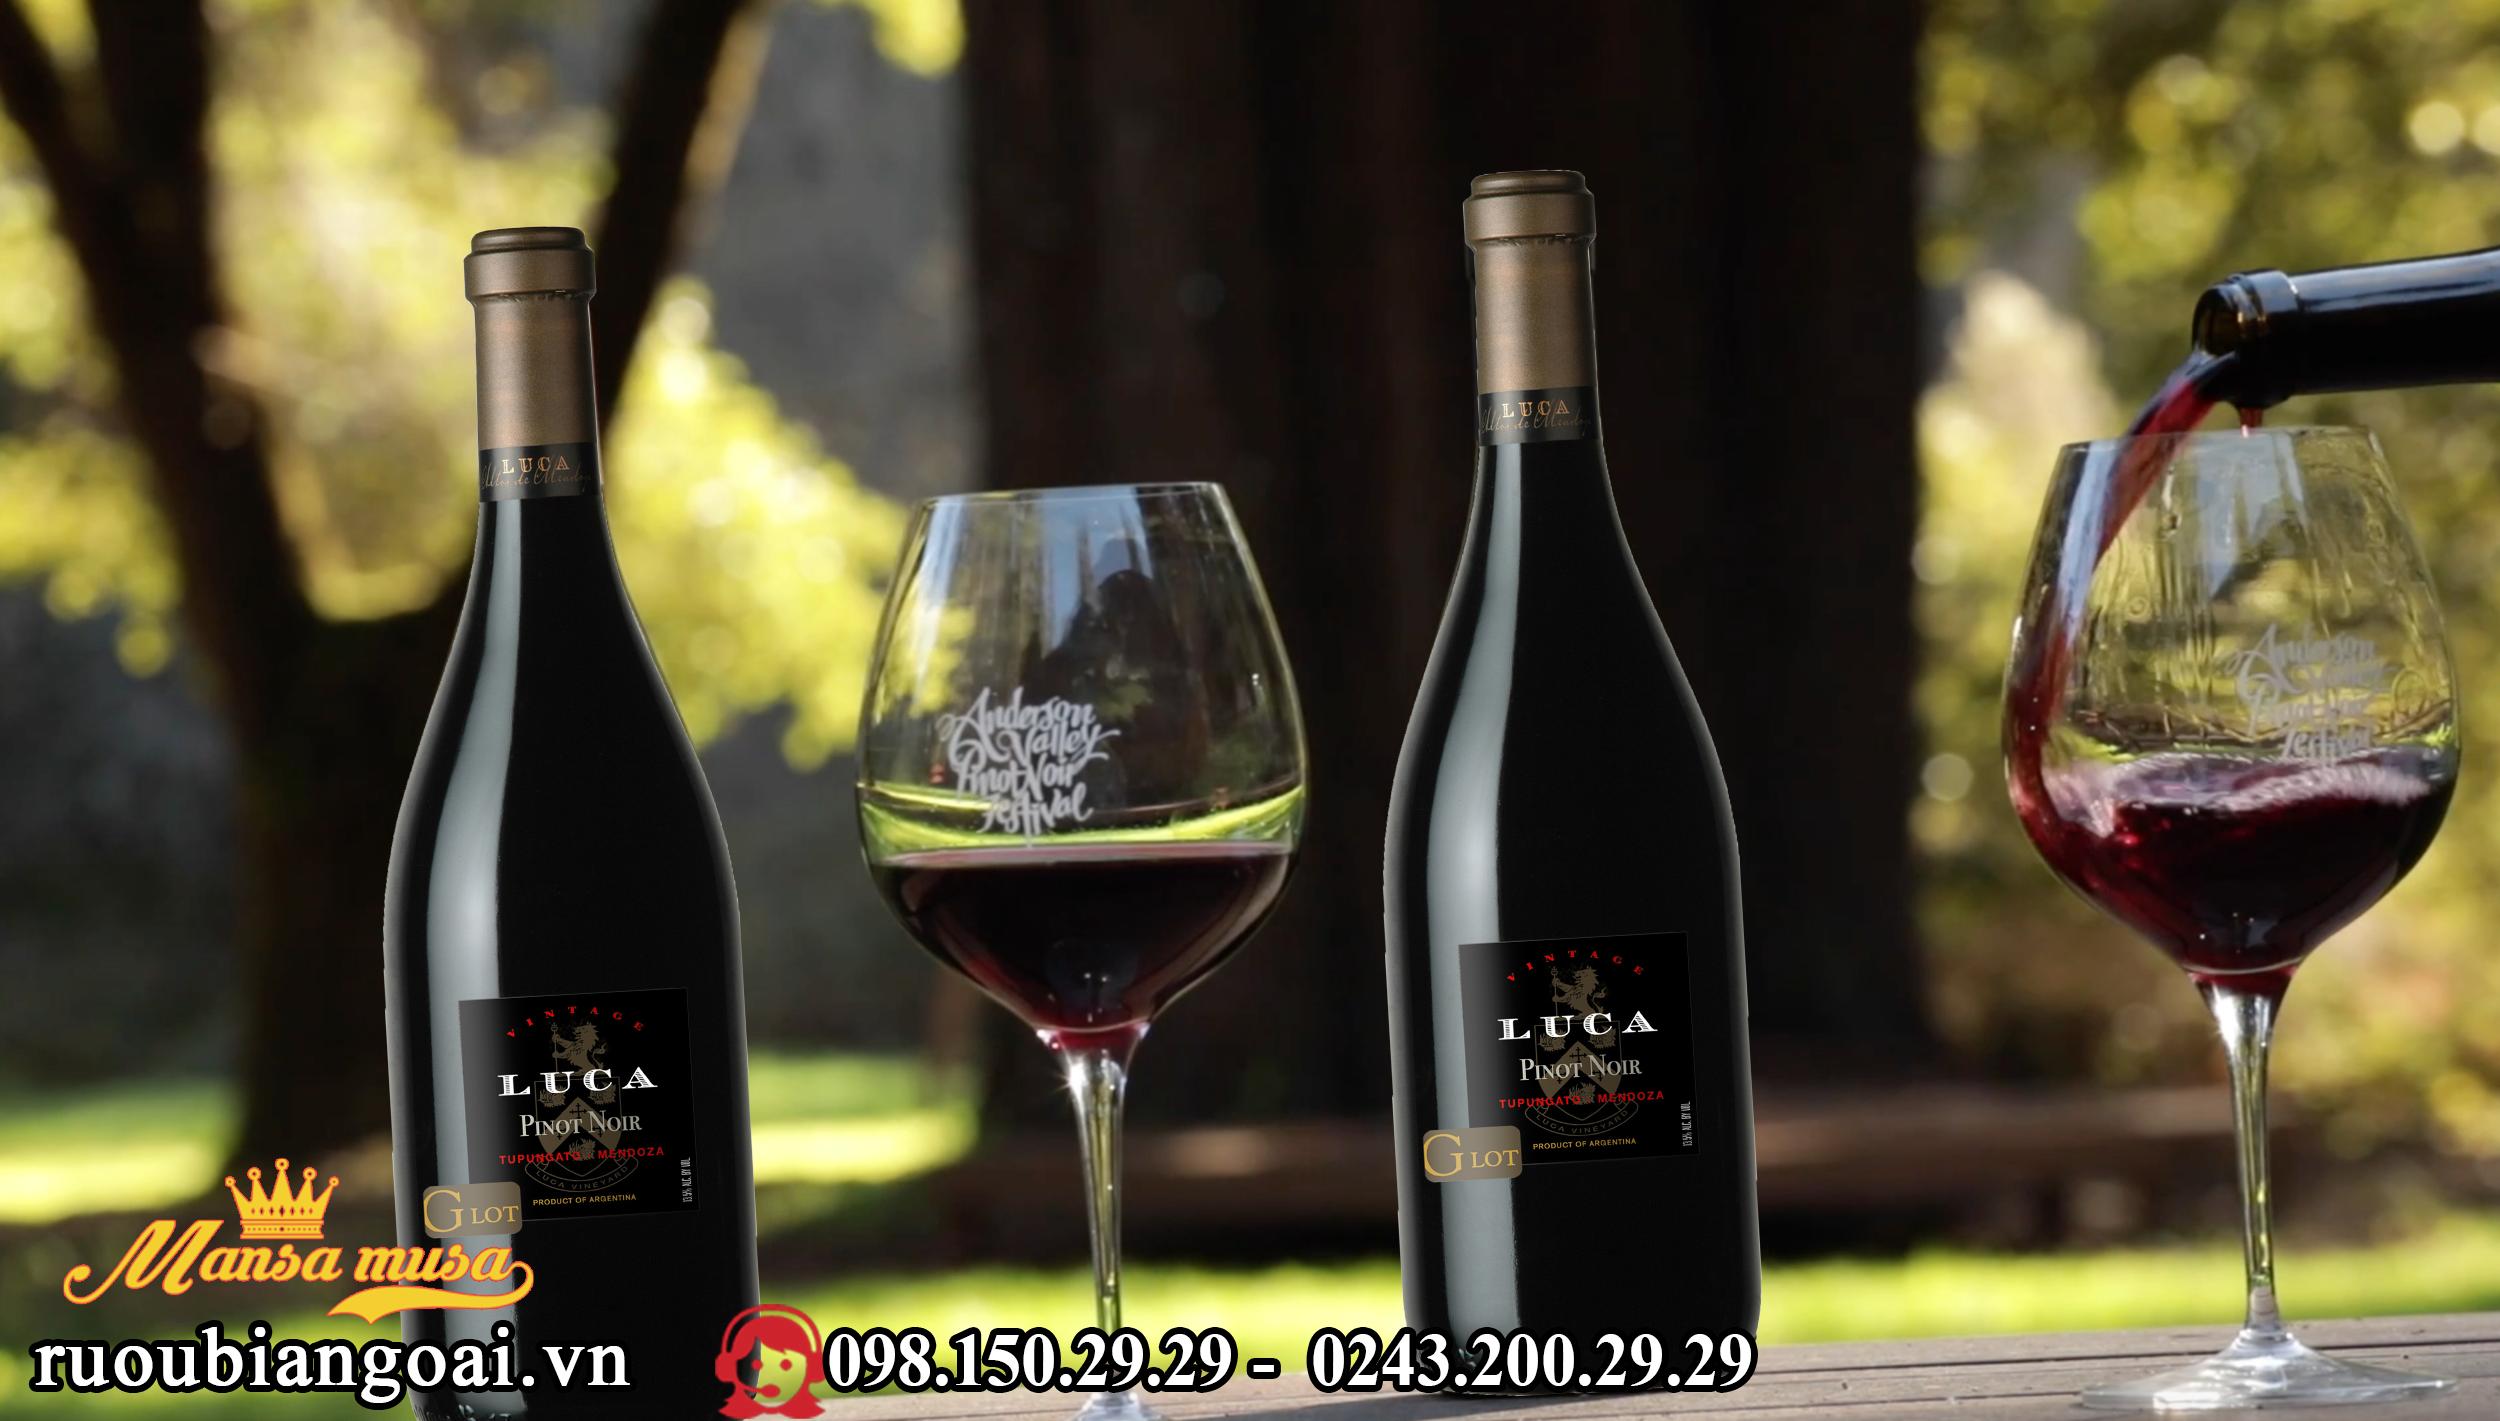 Vang Luca G Lot, Pinot Noir